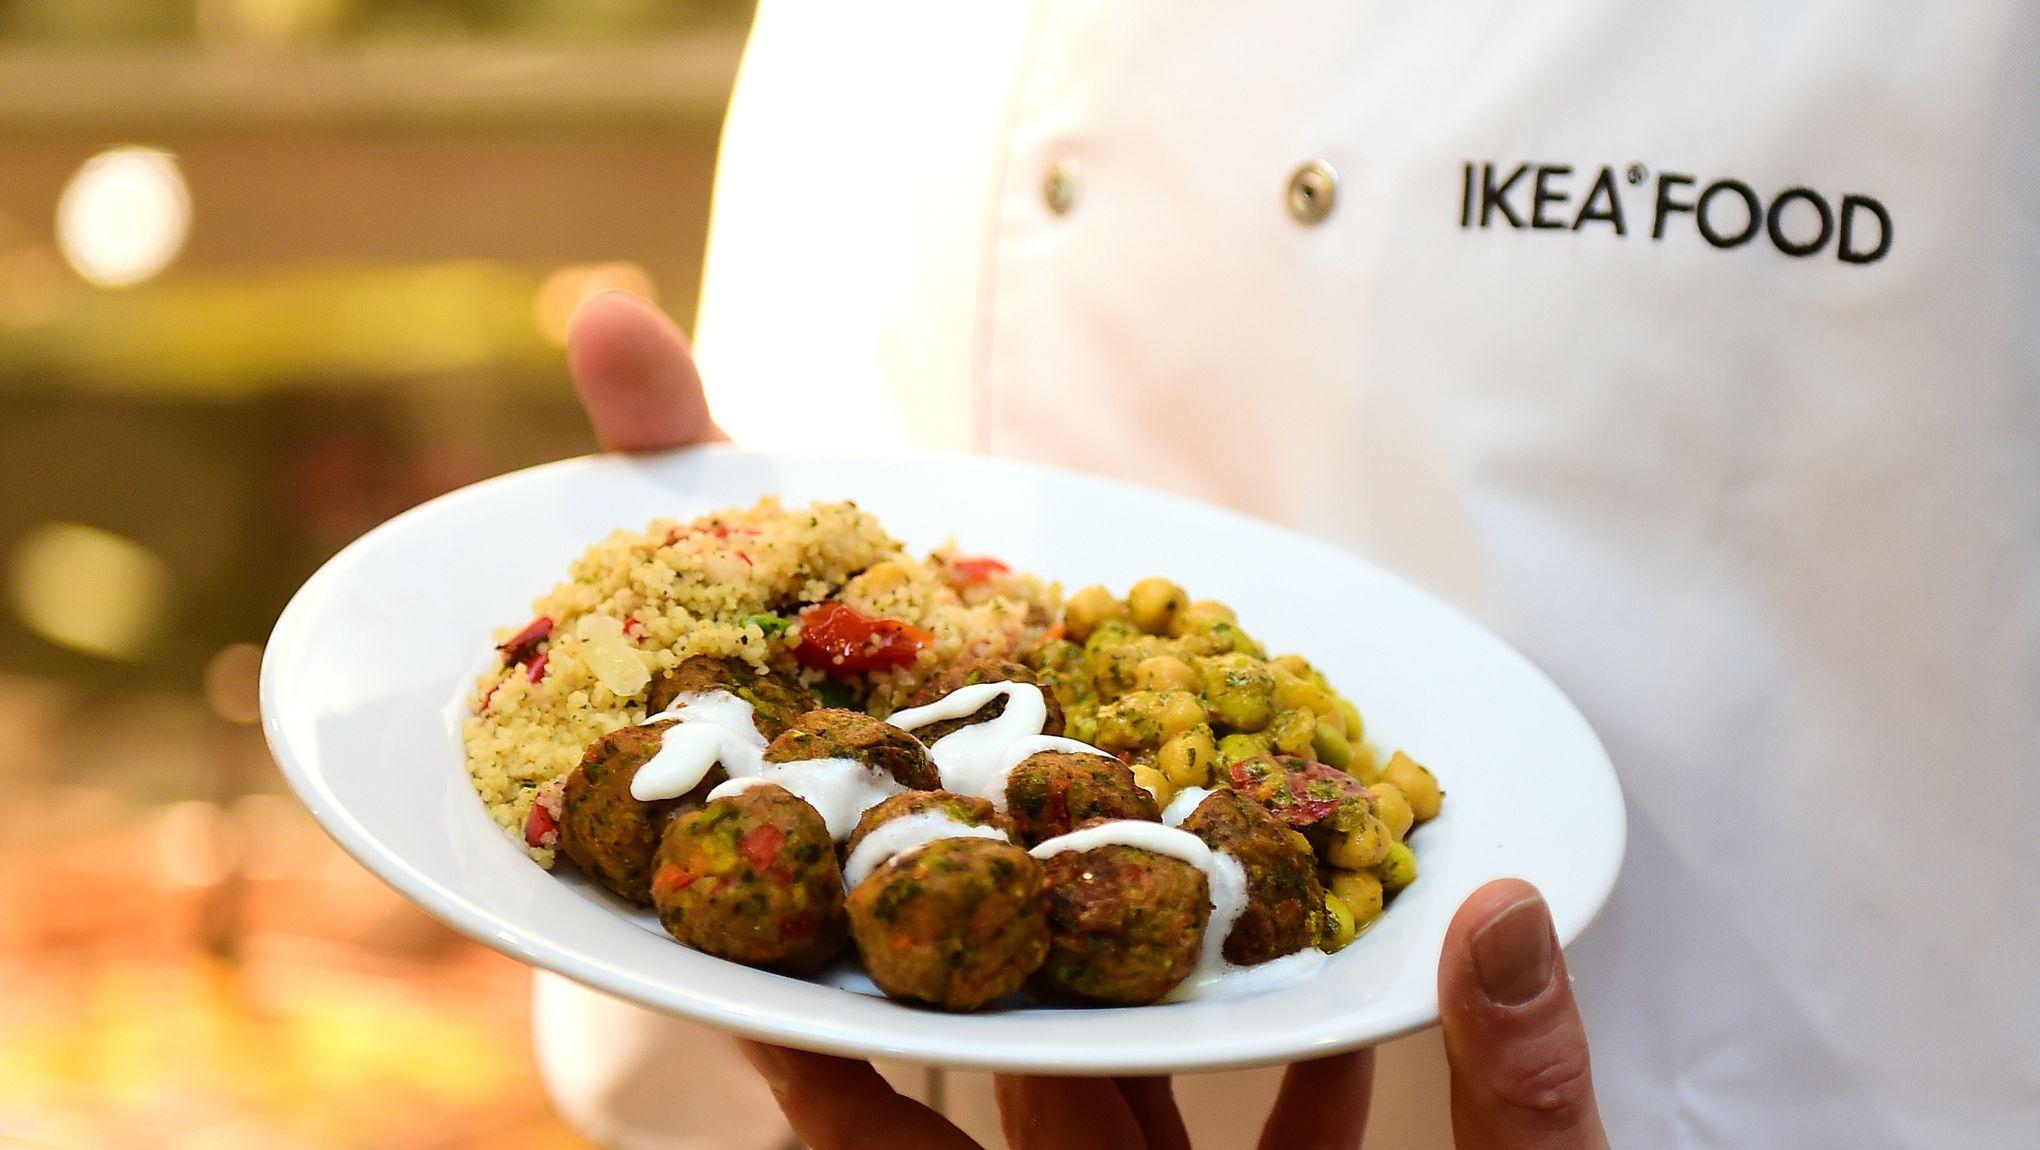 Les restaurants ikea servent 2 millions de clients par jour - Ikea toulon ouvert le dimanche ...